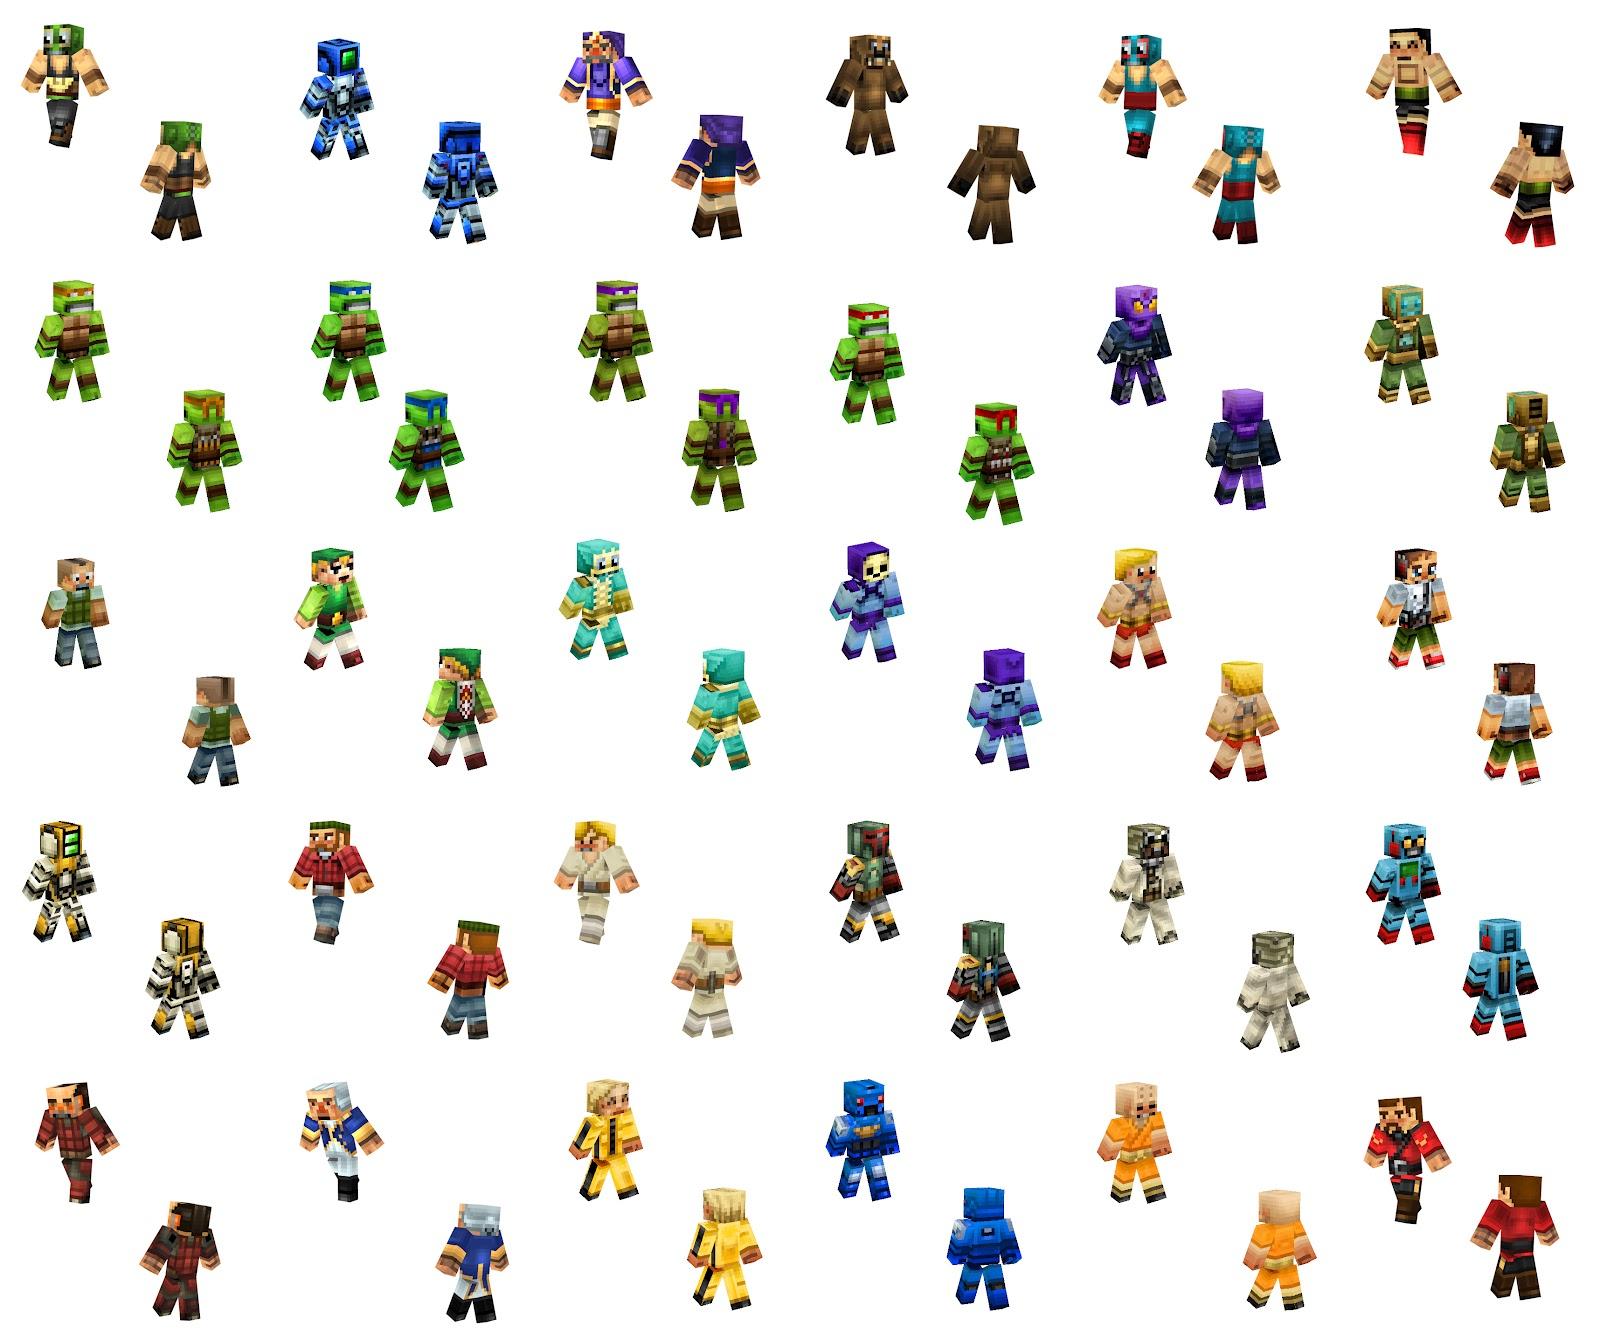 Minecraft skins